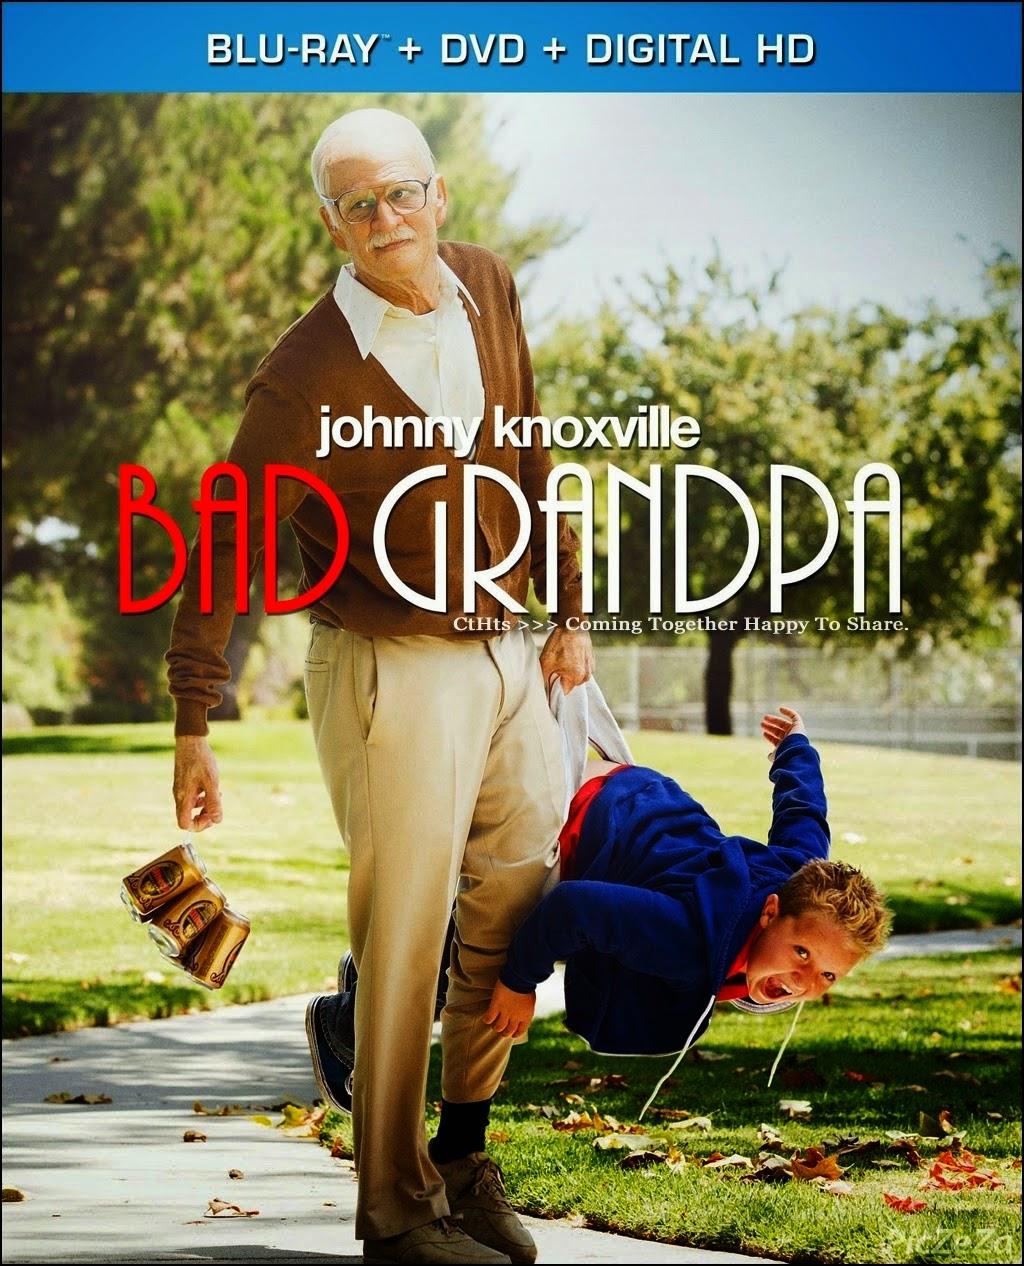 Bad Grandpa 2014 คุณปู่โคตรซ่าส์ หลานบ้าโคตรป่วน